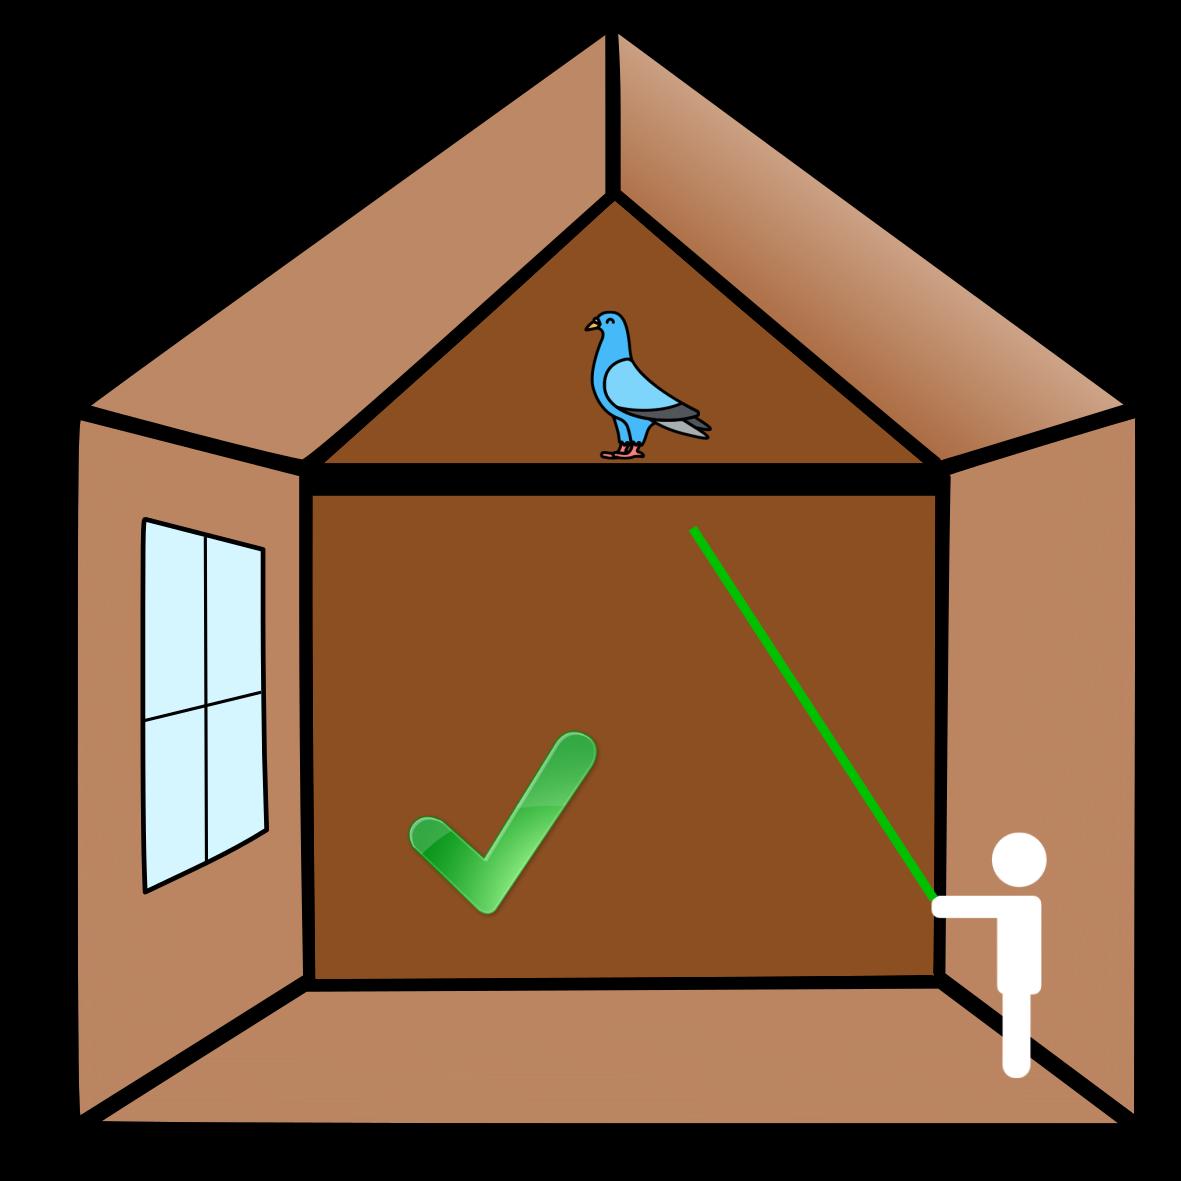 Protection batiment elevage etourneaux